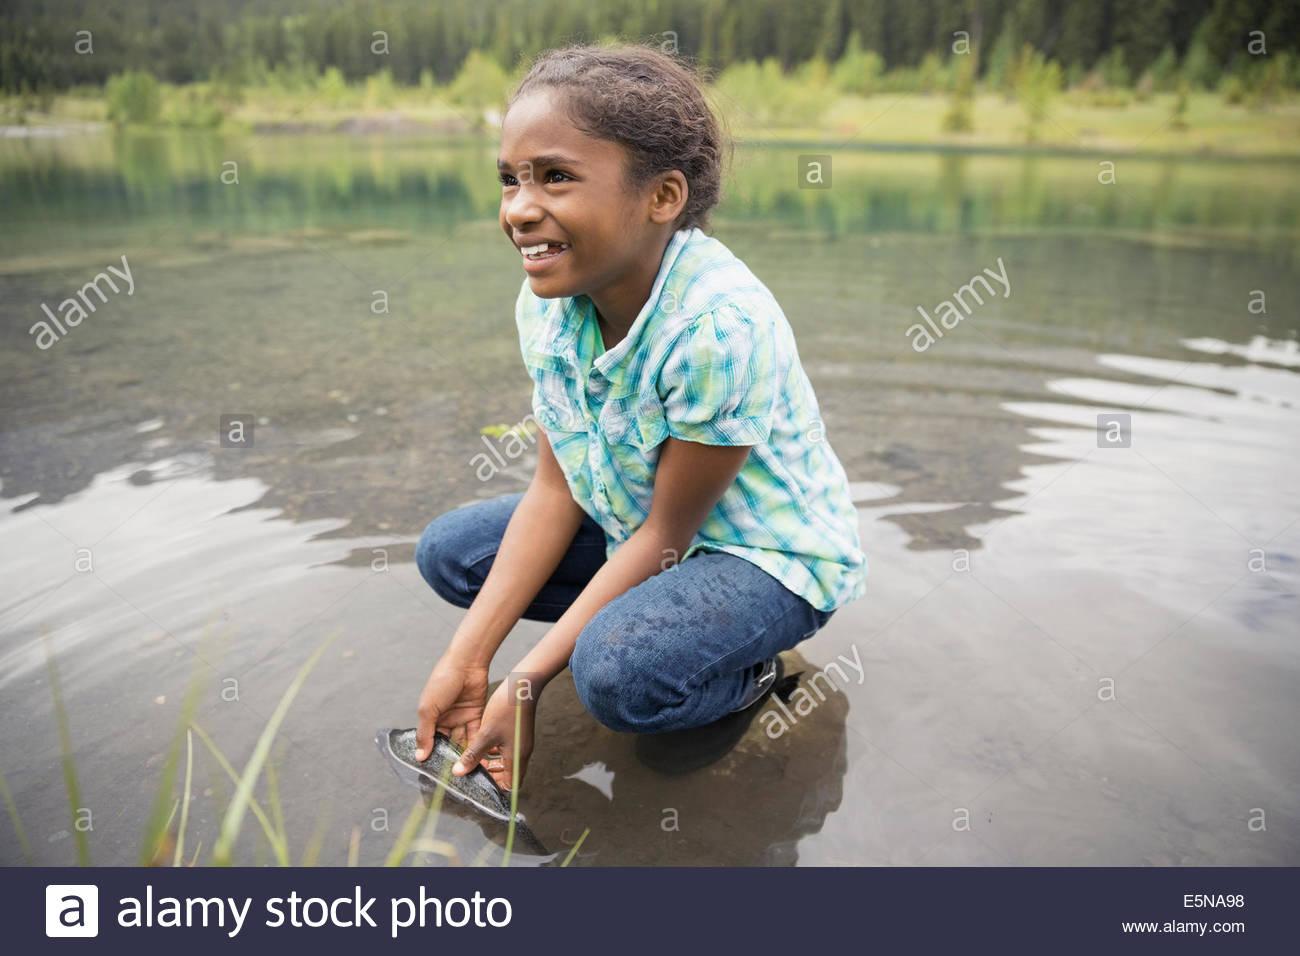 Smiling girl catching fish in lake - Stock Image